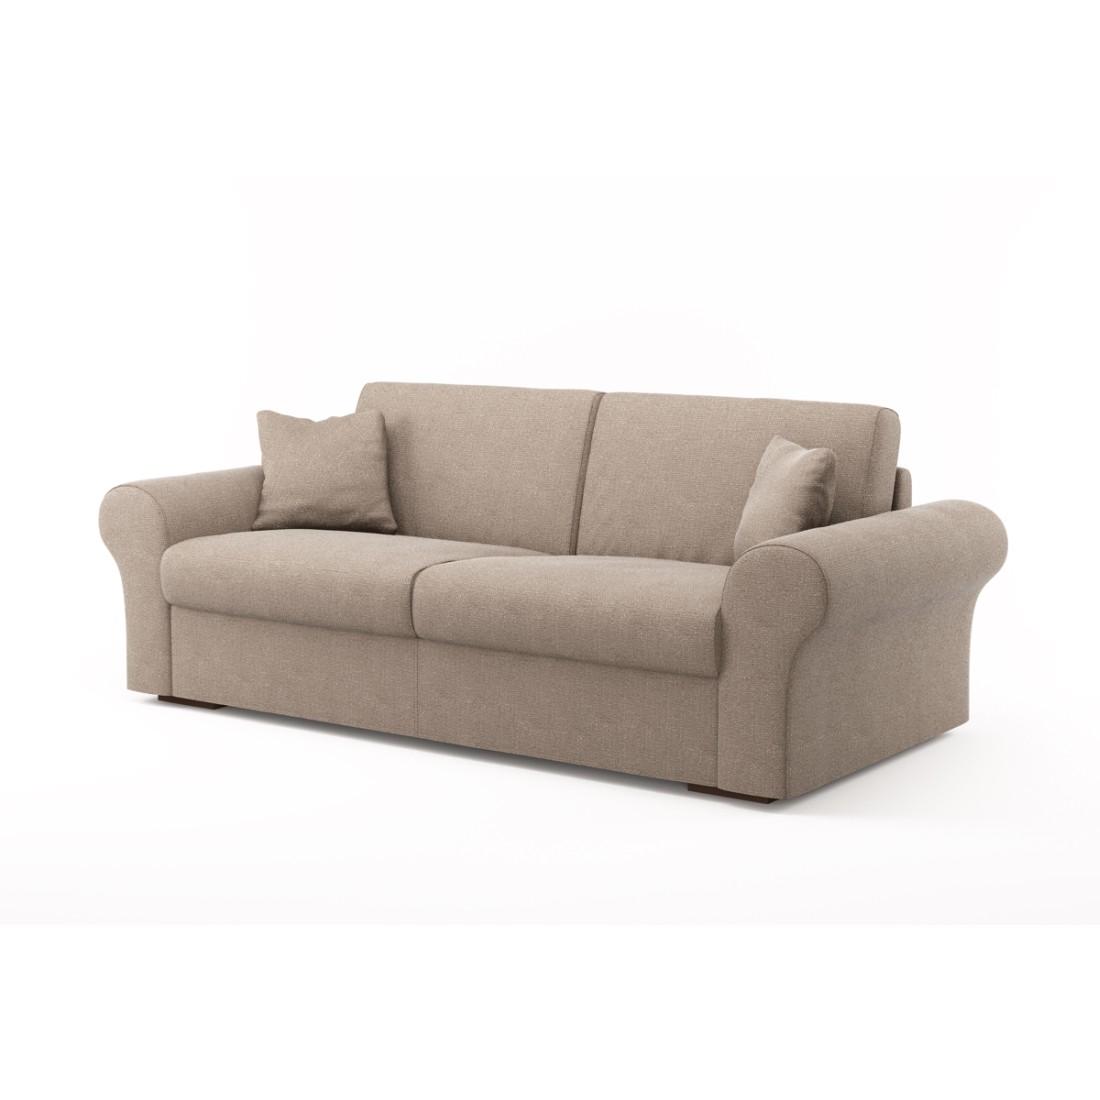 Schlafsofa Novo (3-Sitzer) – Luna Comfort 6 156 (Hellbraun), Von Wilmowsky kaufen